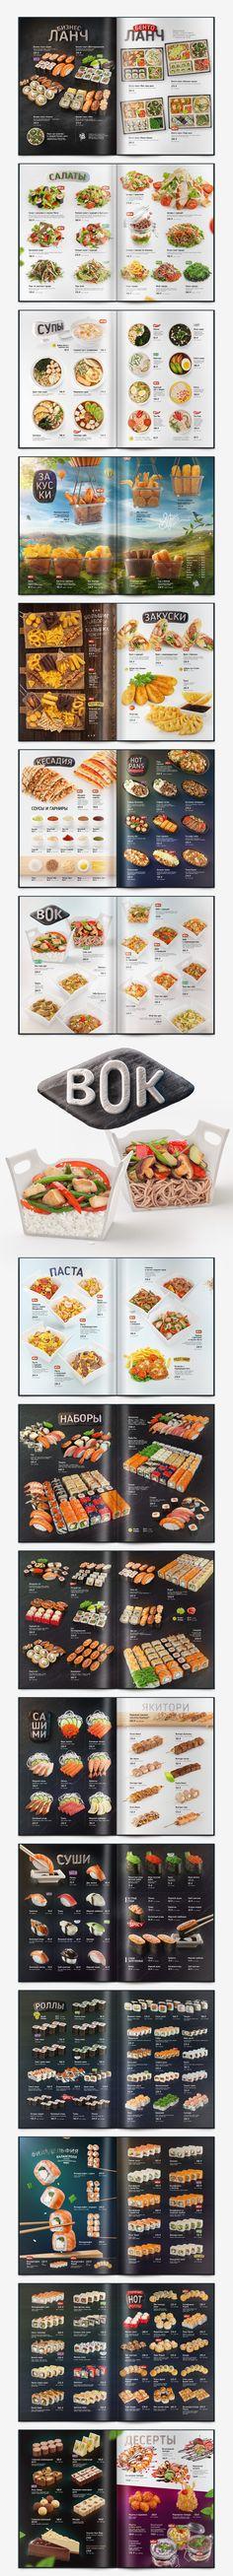 Menu for sushi-bar Riba.Ris                                                                                                                                                                                 More